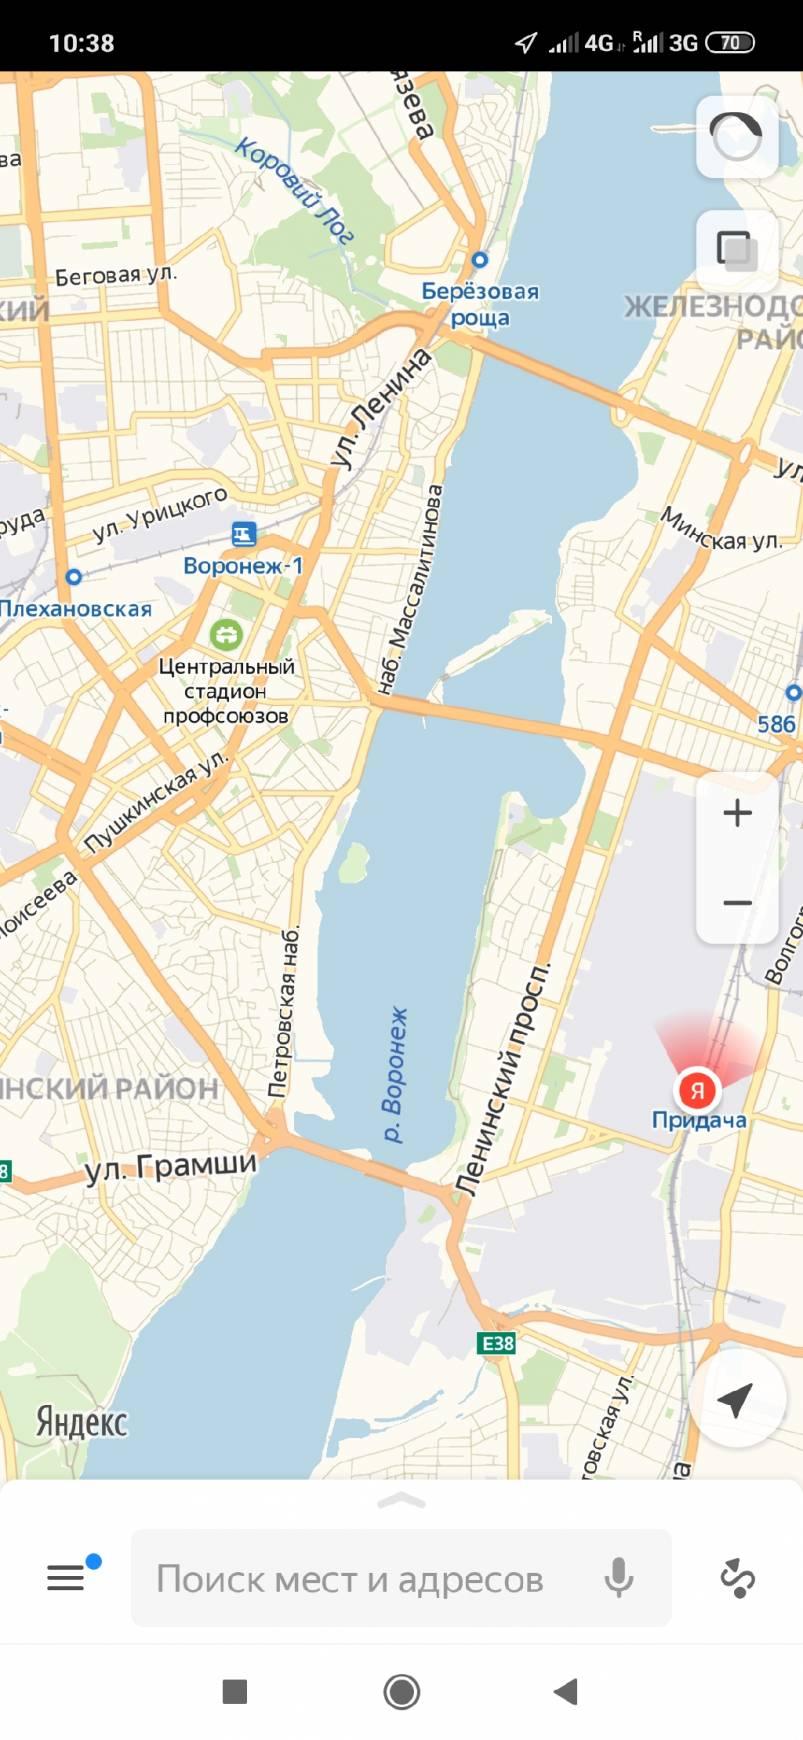 Screenshot_2019-07-18-10-38-08-180_ru.yandex.yandexmaps_resize_25.jpg